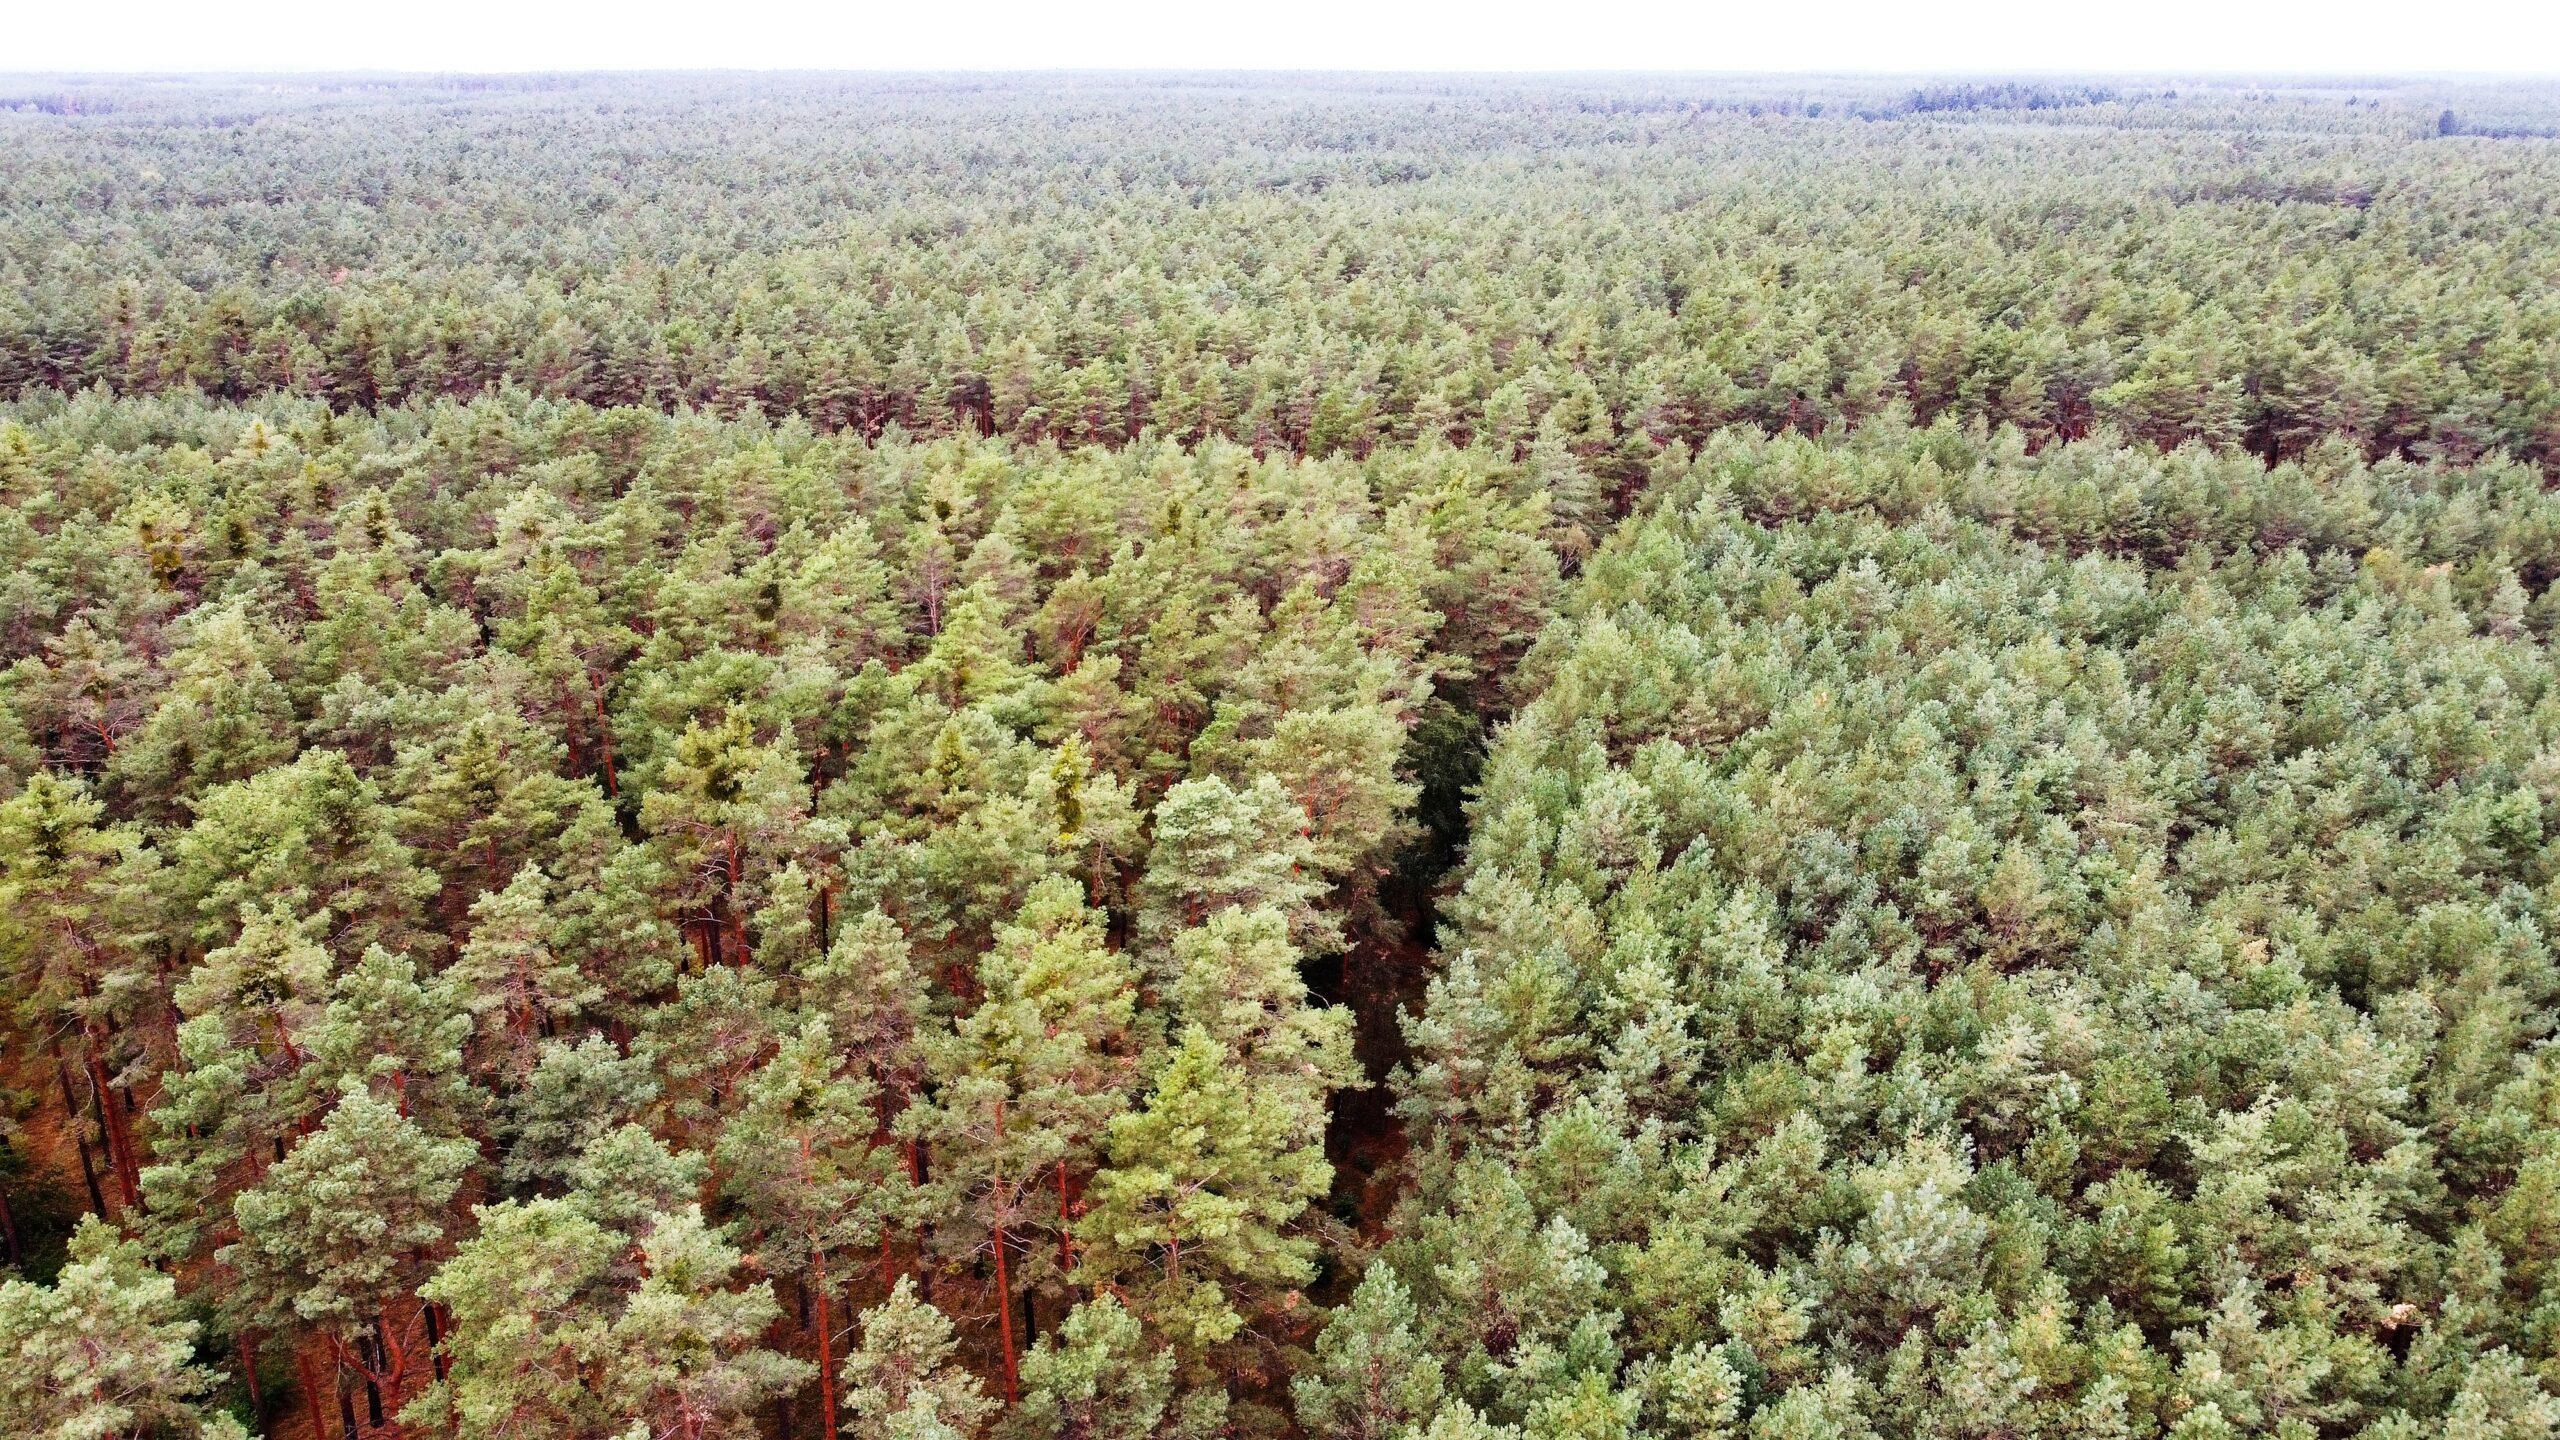 Forstbetrieb Brandenburg